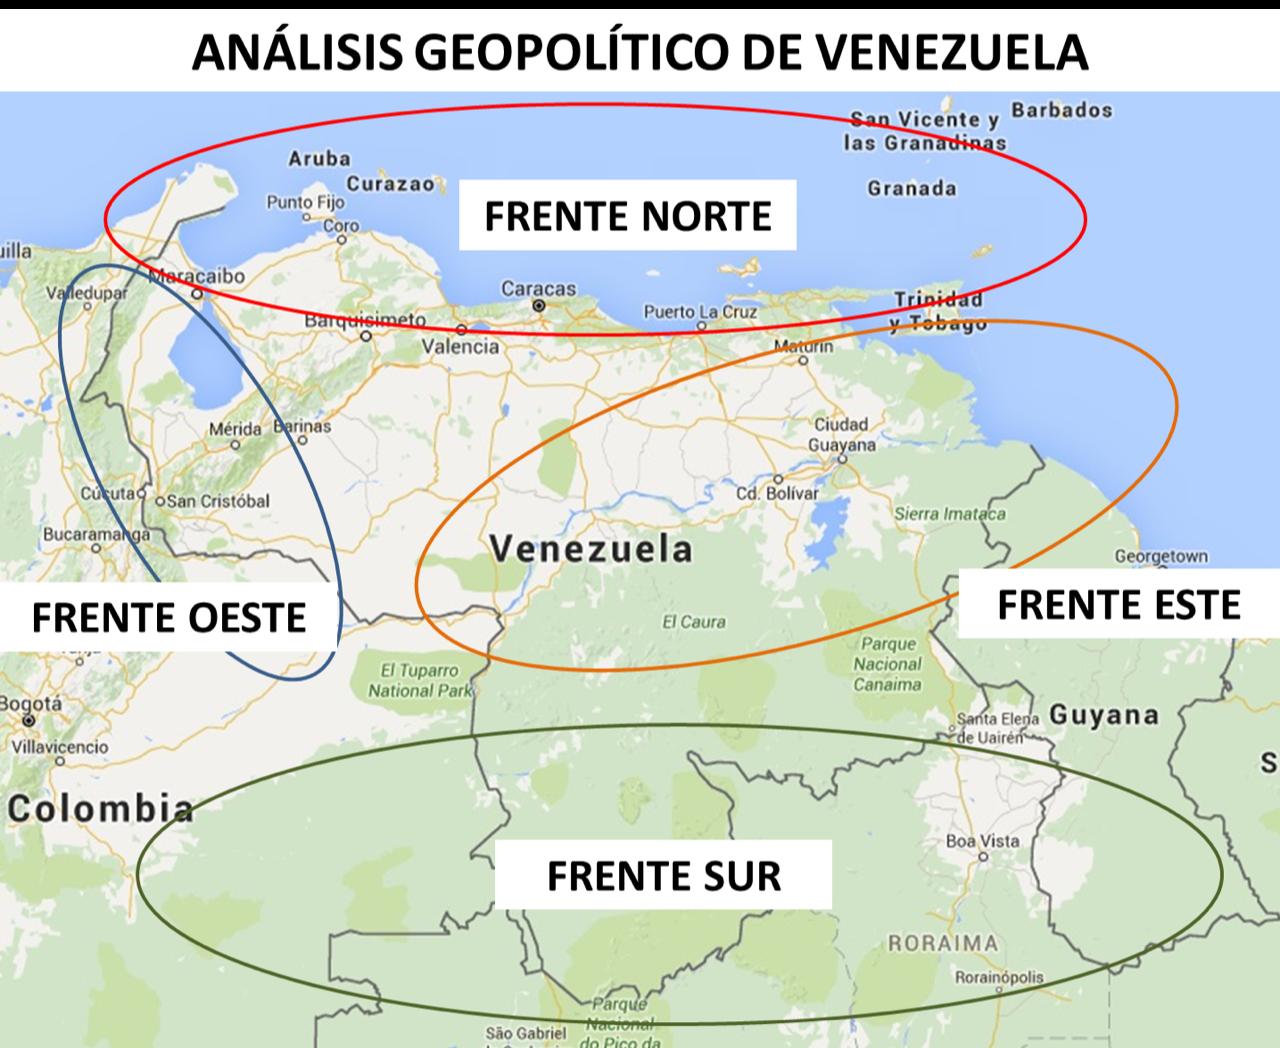 Mapa de areas amenazadas en Venezuela